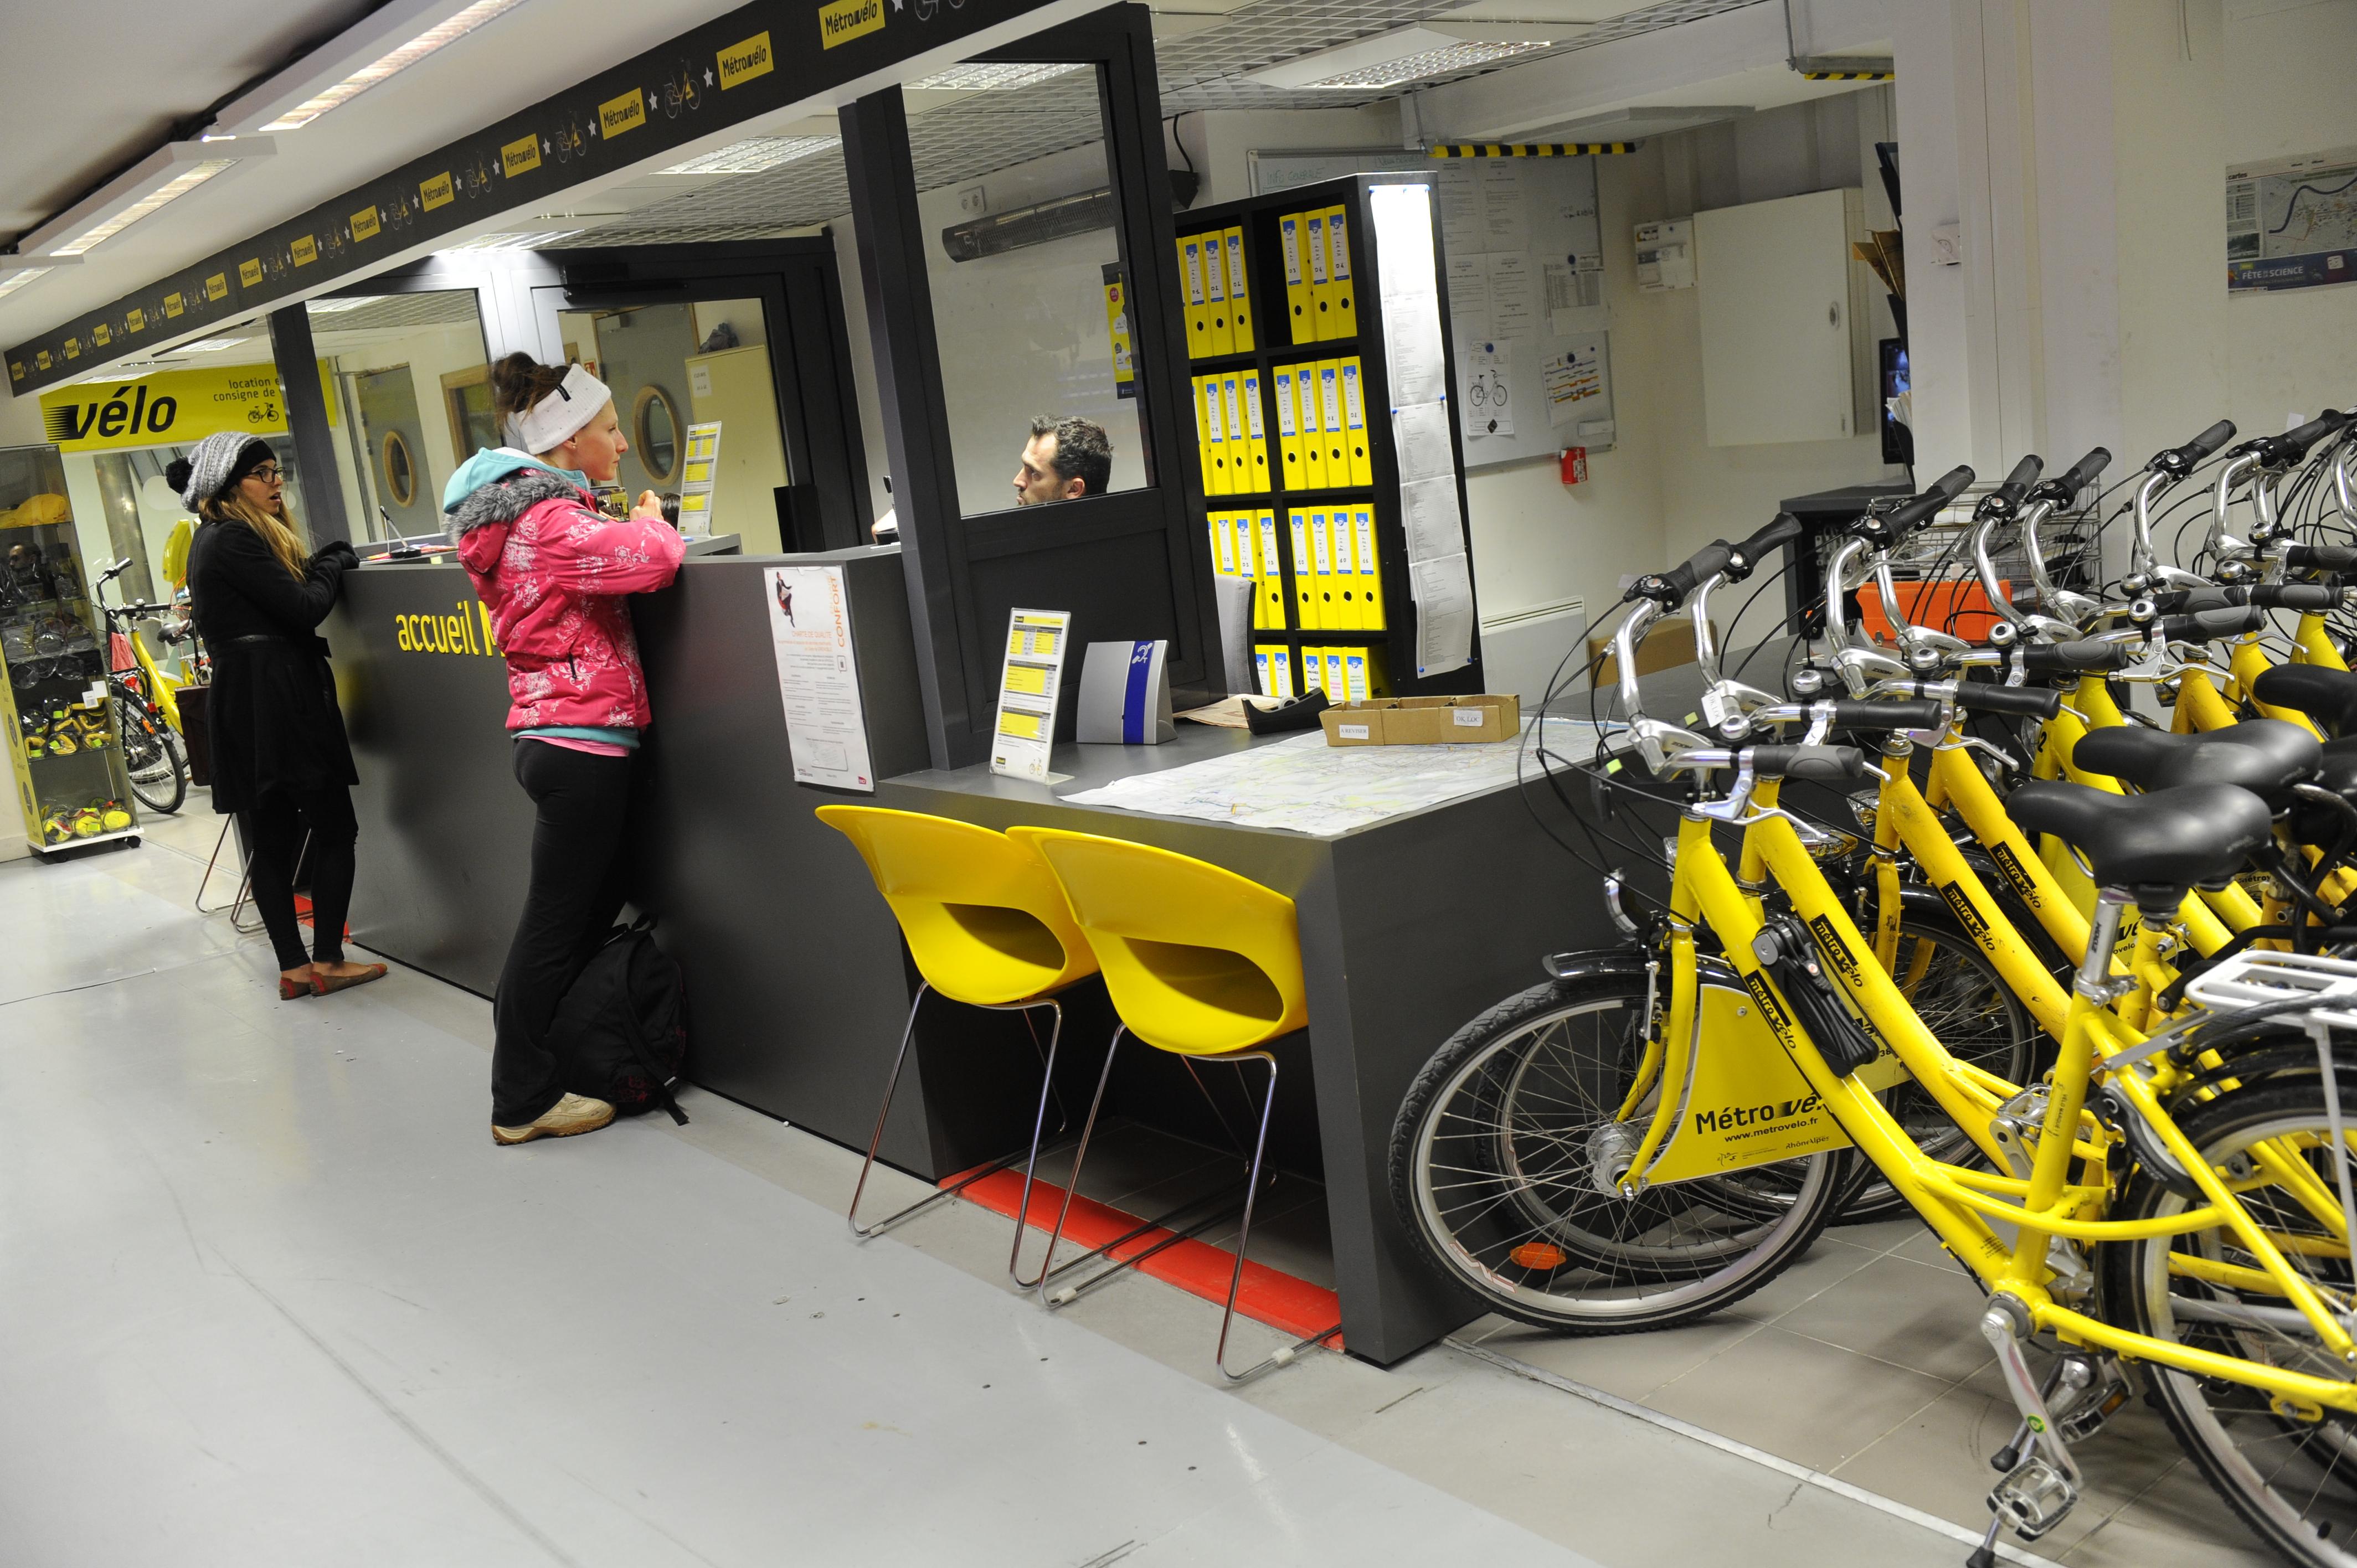 Vélos électriques à Grenoble: des élus écolos ont-ils tenté de truquer un marché public?